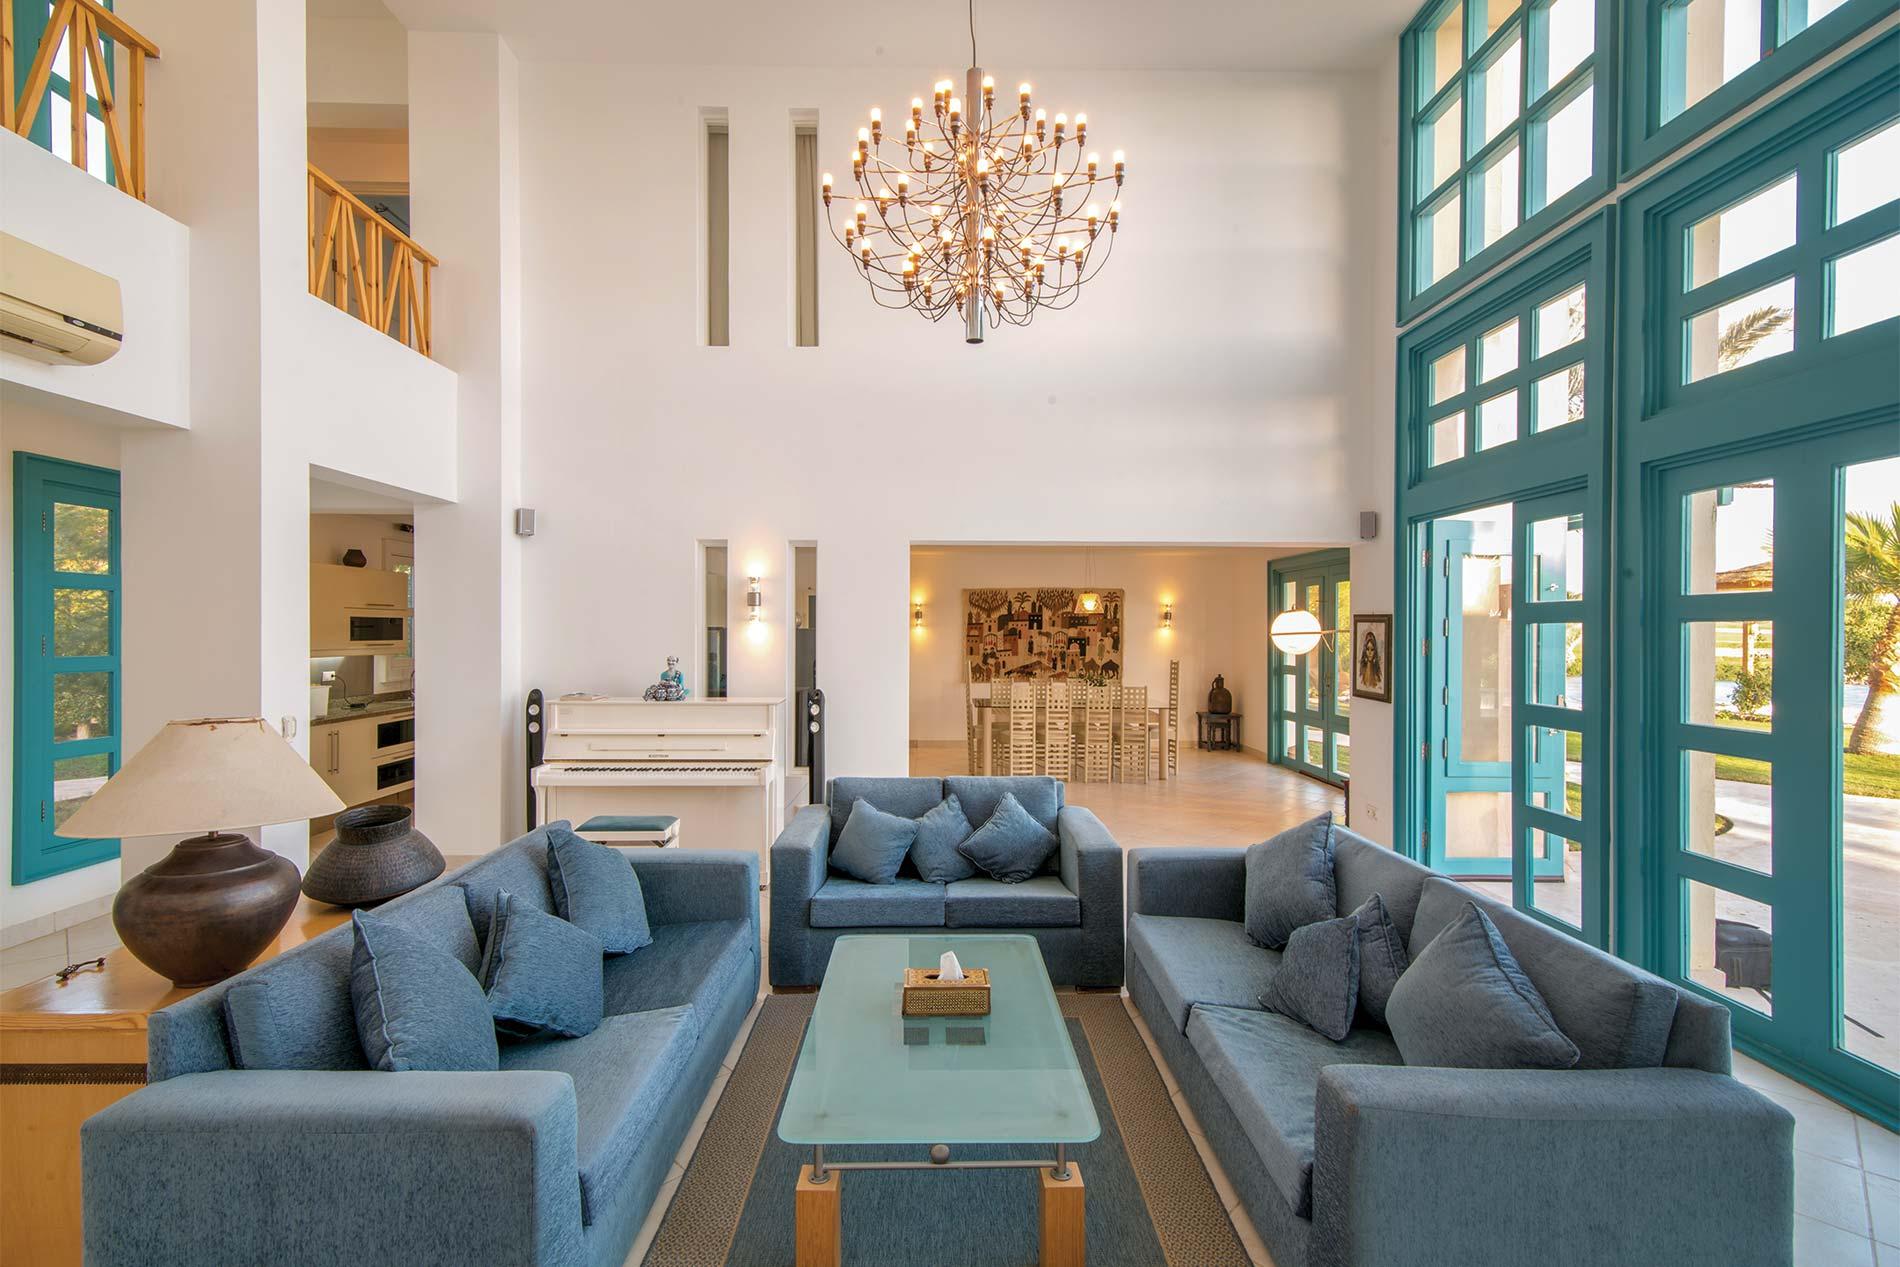 Villa Ibis Blue Lagoon in El Gouna Beach - sleeps 7 people